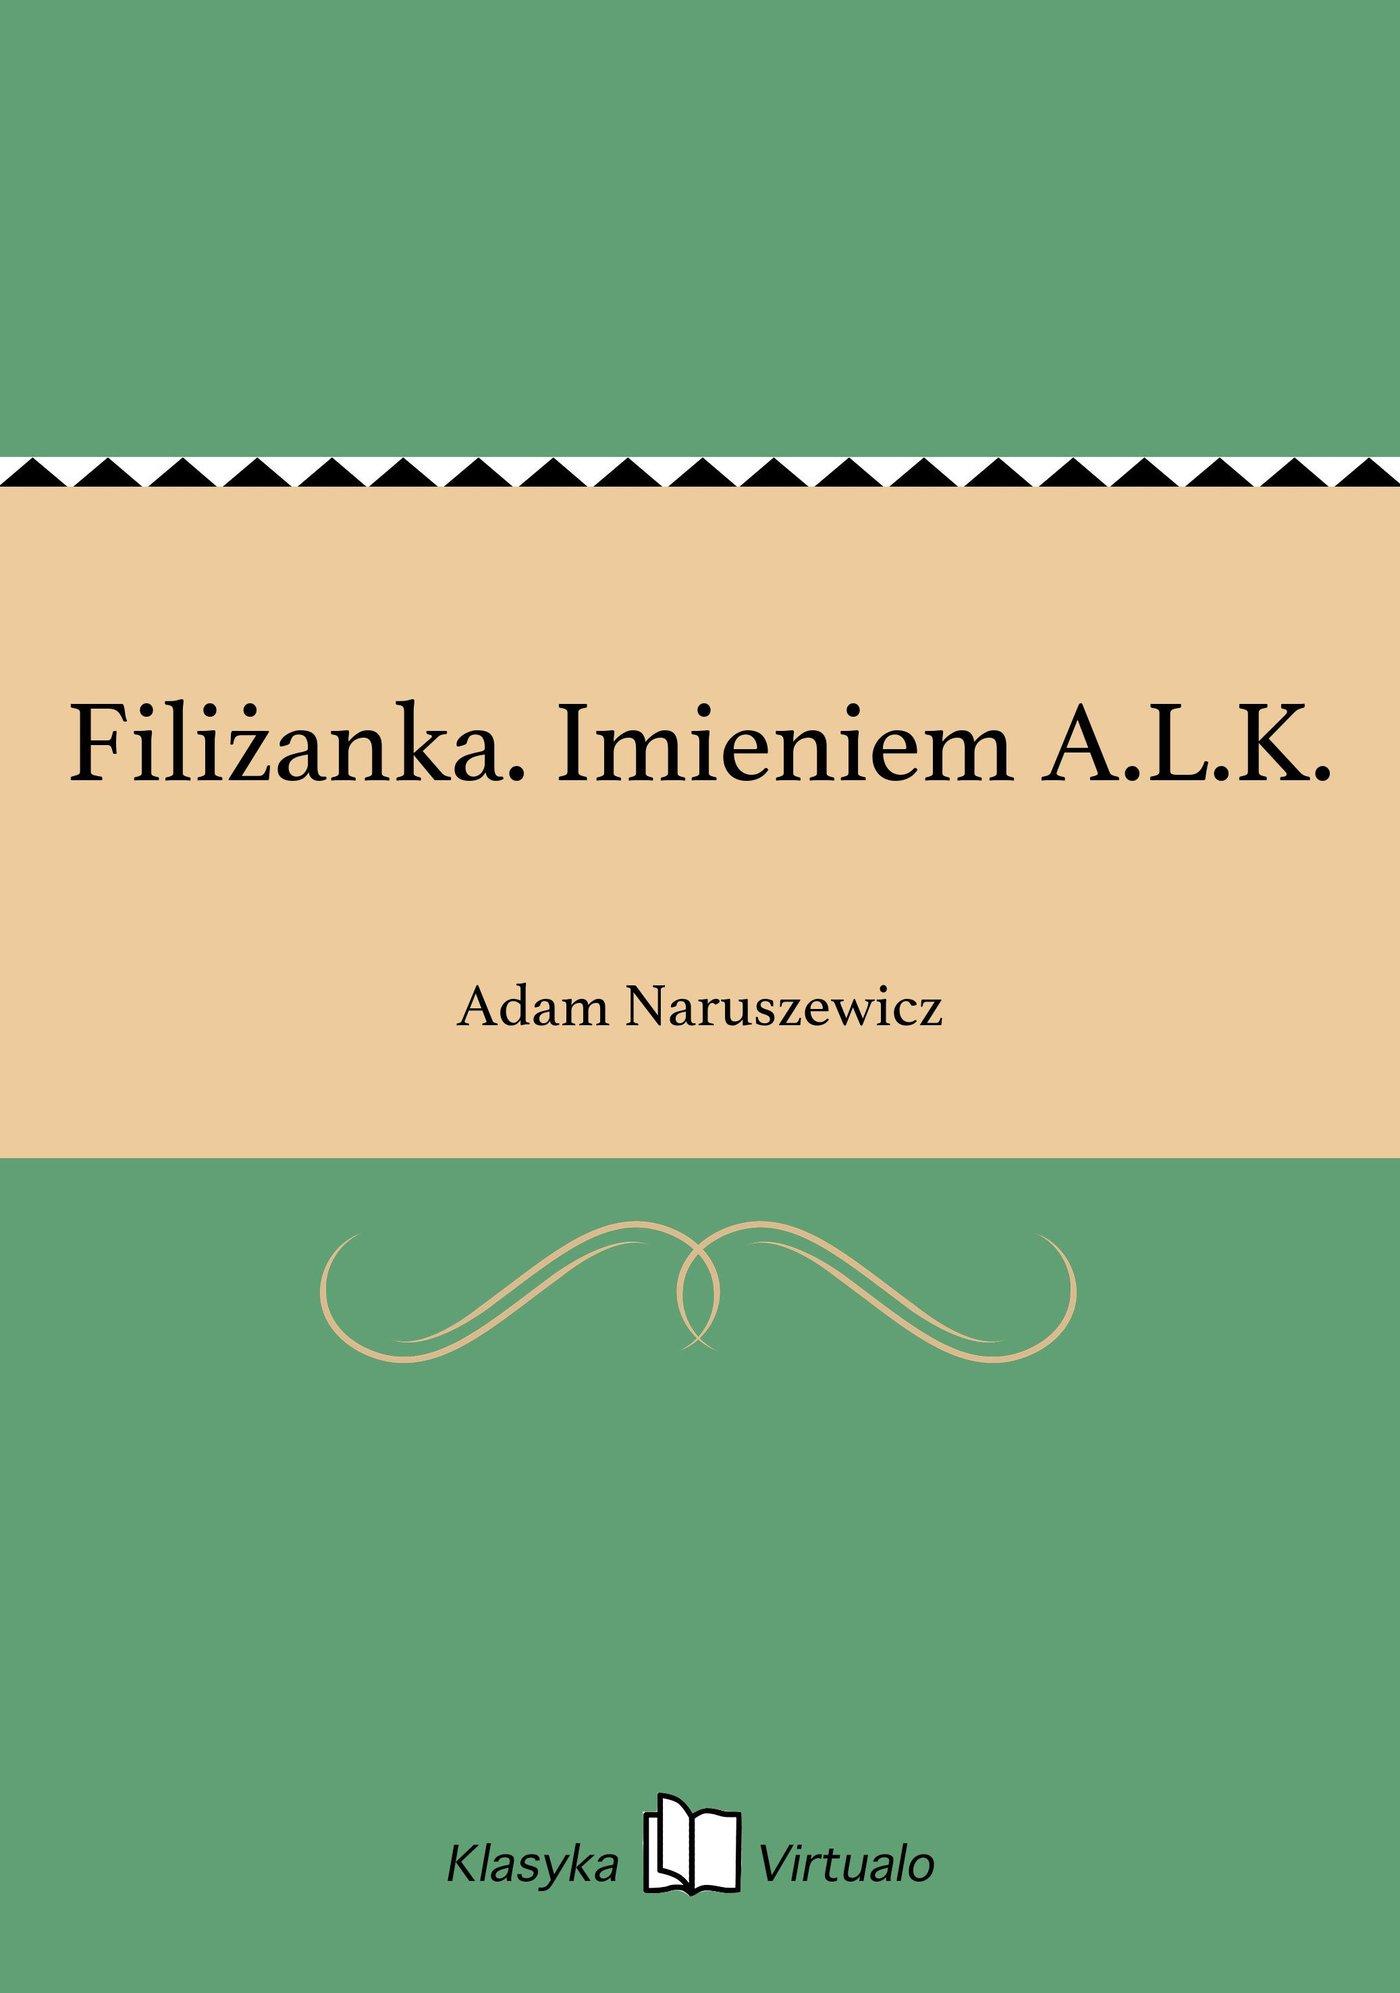 Filiżanka. Imieniem A.L.K. - Ebook (Książka EPUB) do pobrania w formacie EPUB